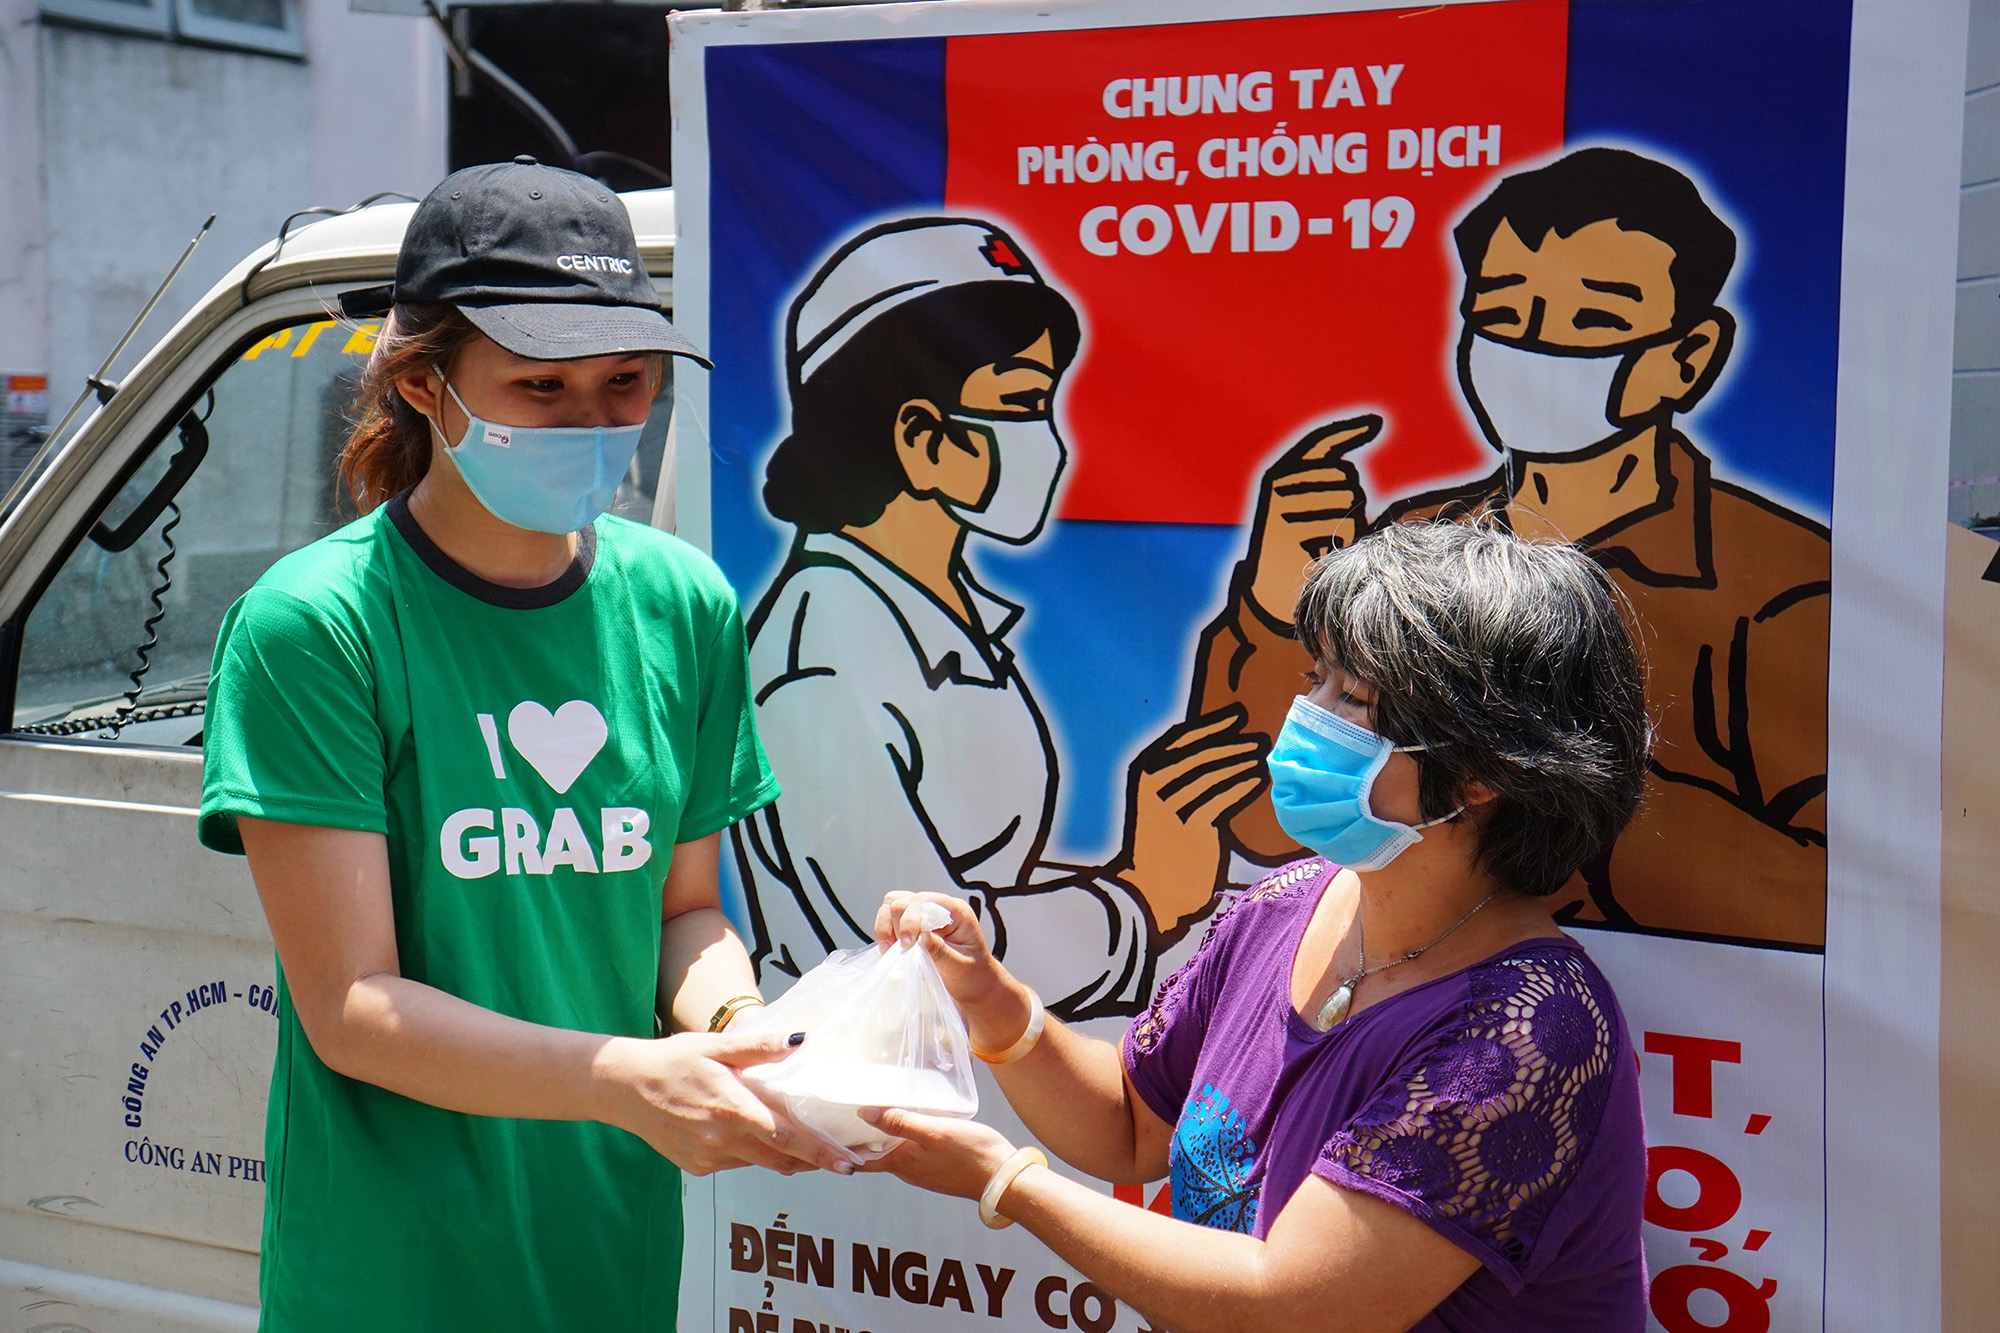 Grab và Quỹ Hy Vọng chung tay mang 15,000 suất ăn đến với những người khó khăn trong mùa dịch COVID-19